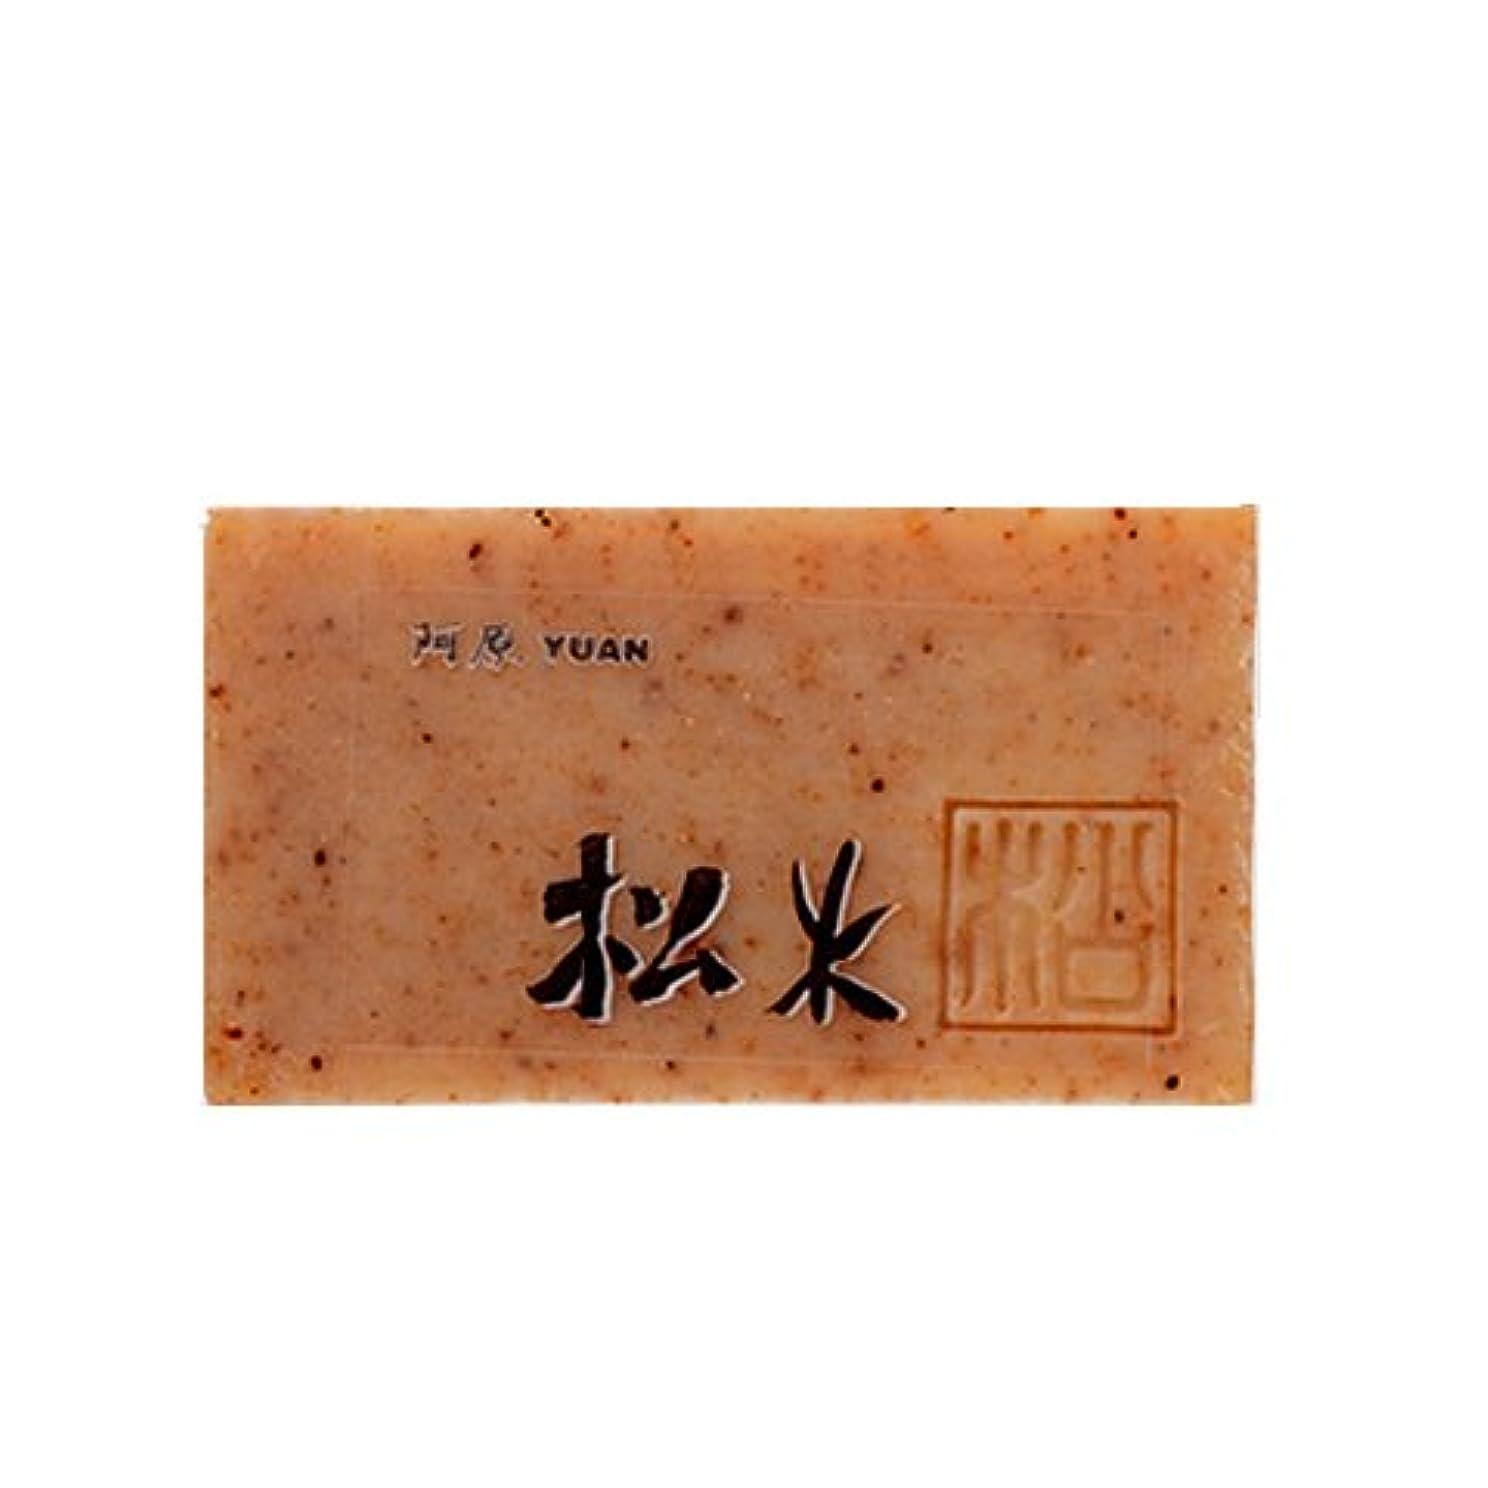 移行滅多ワックスユアン(YUAN) ユアンソープ 松木(まつのき)ソープ 100g (阿原 石けん 台湾コスメ)